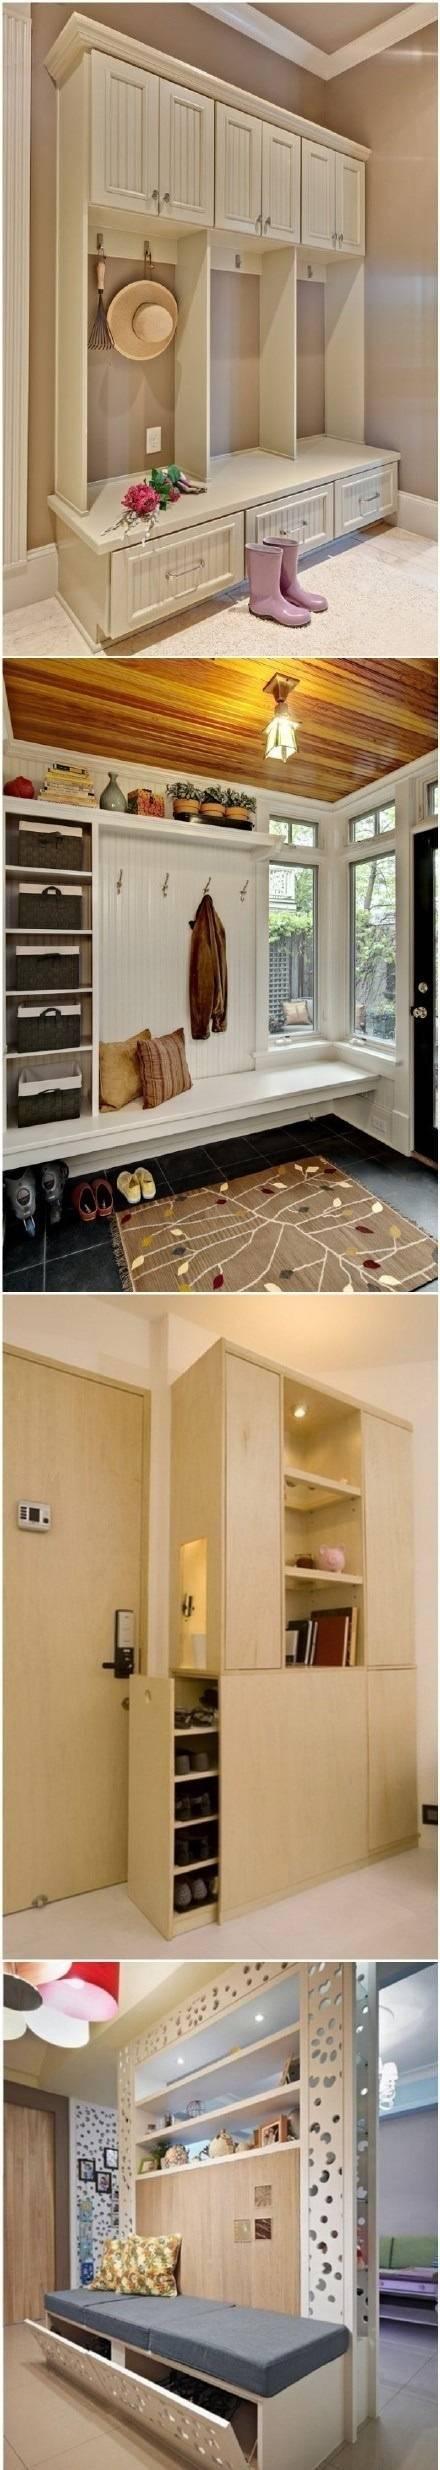 门厅鞋柜装修效果图,入户玄关是很关键的,在入户处总是需要收纳柜的